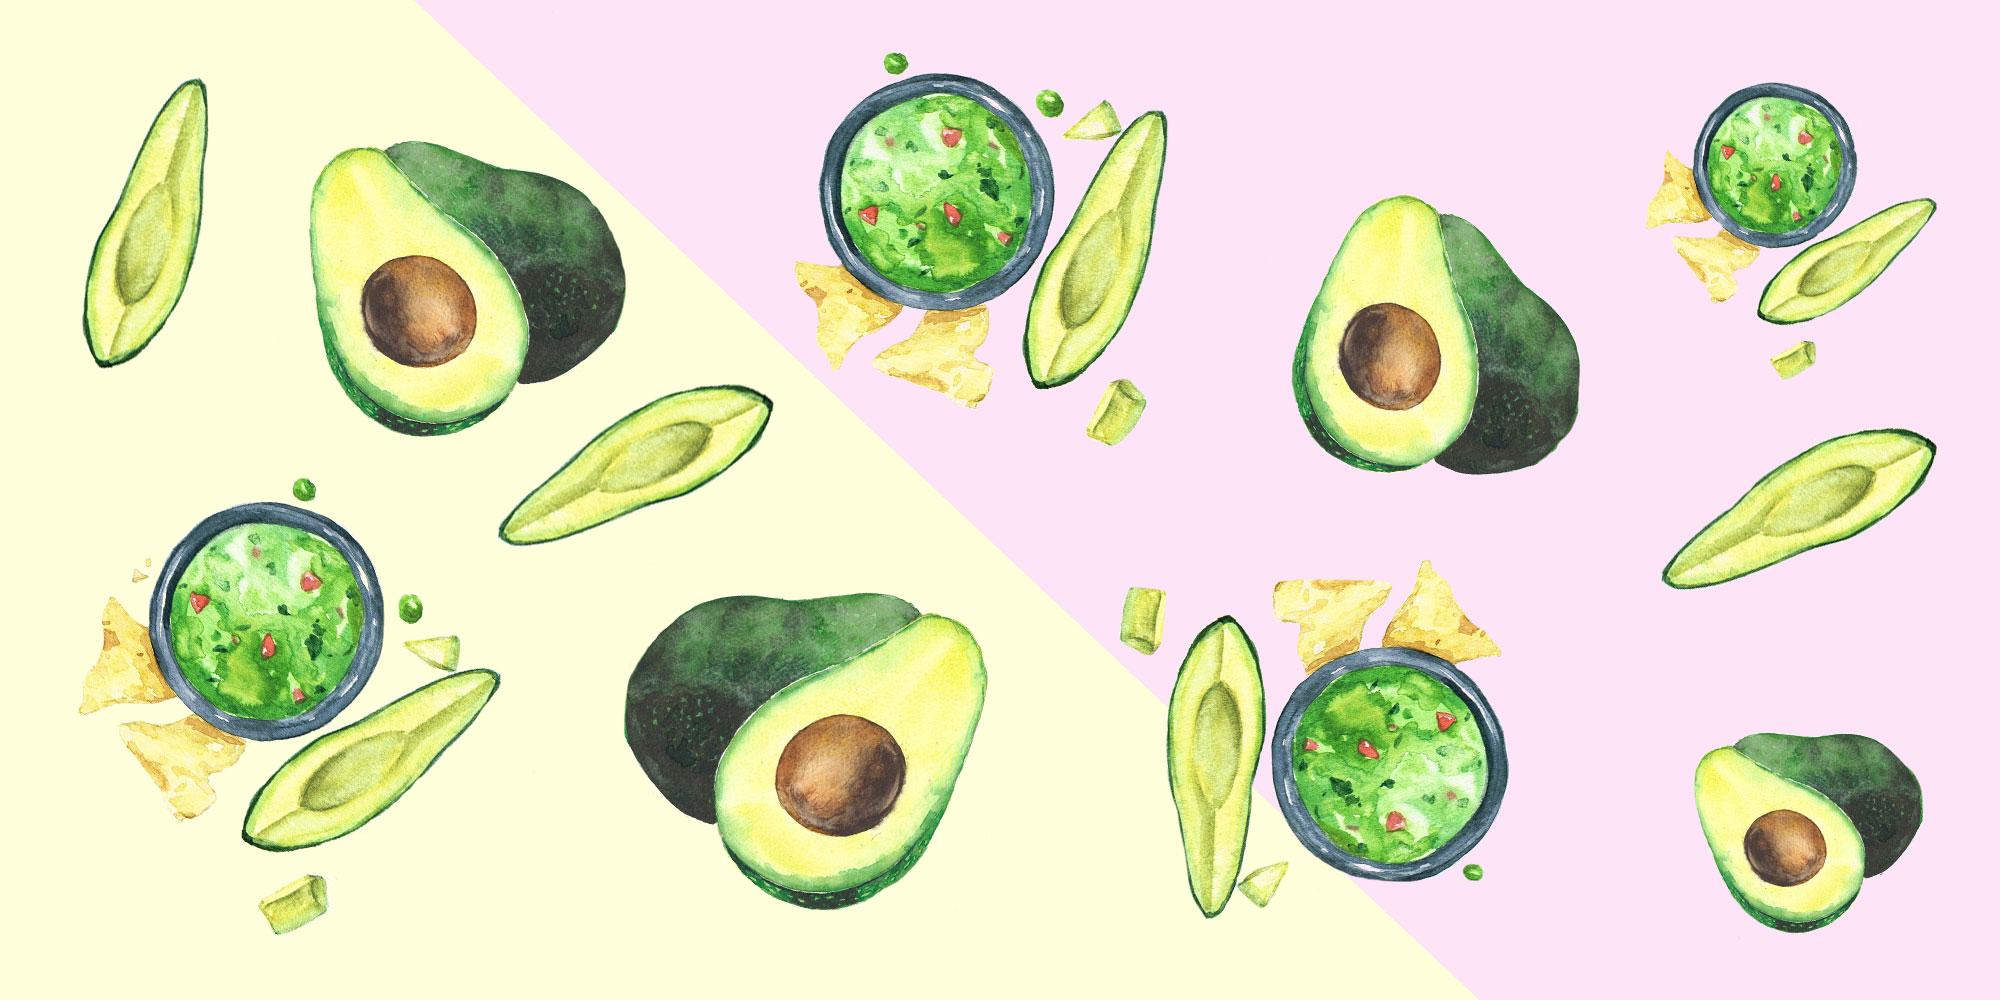 5 trucs pour un guacamole allégé parfait - Je vous propose 5 idées d'aliments à ajouter pour alléger votre guacamole